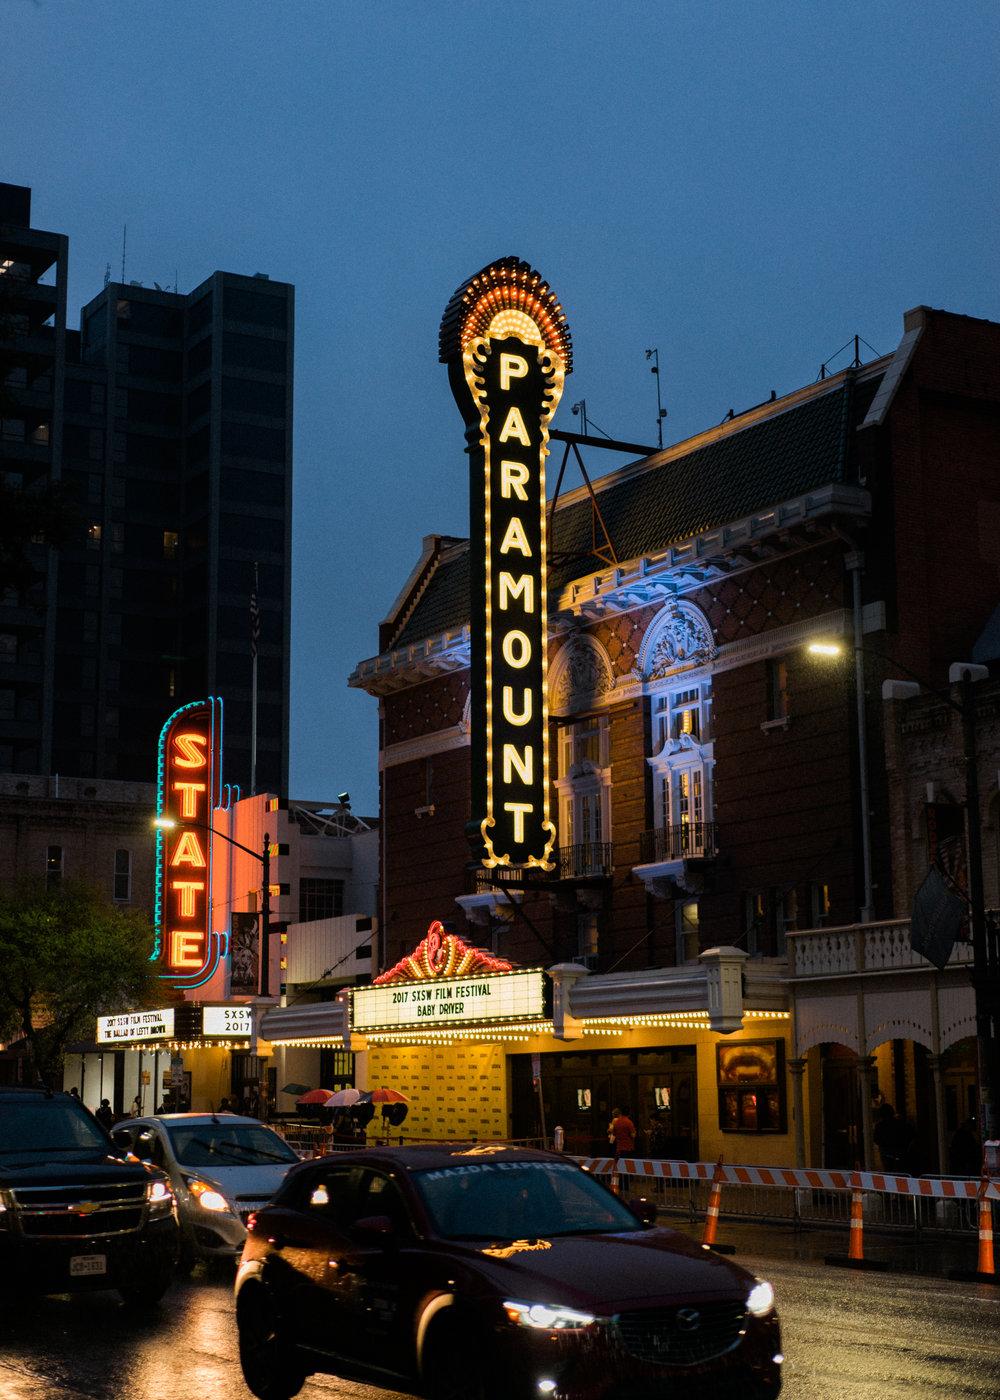 SXSW - Paramount Theatre